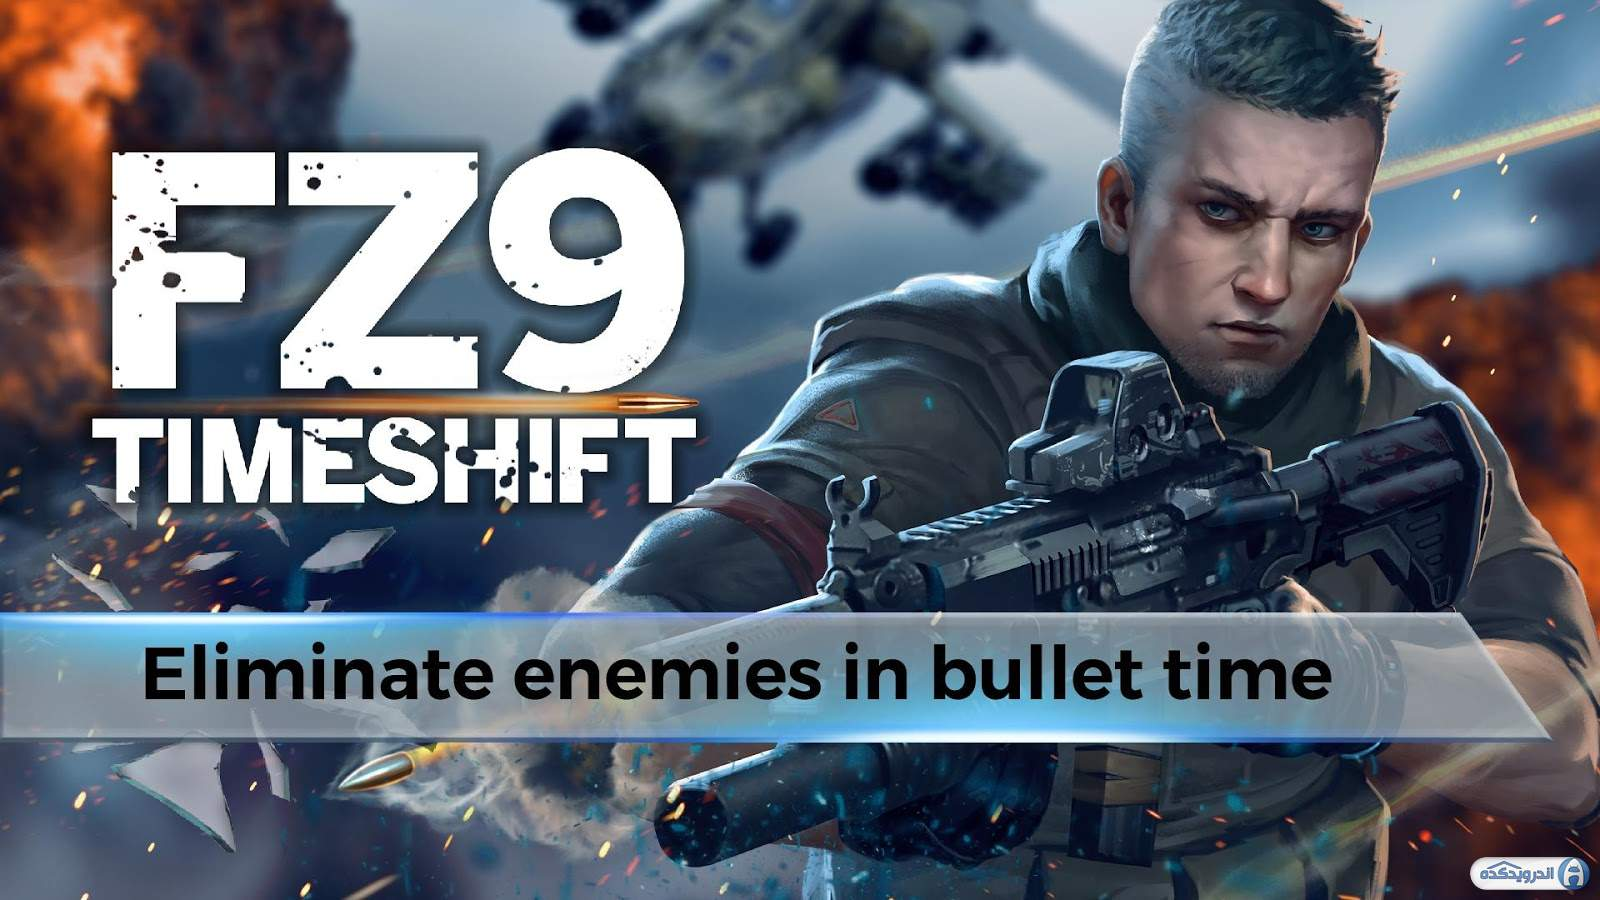 دانلود FZ9: Timeshift 2.2.0 بازی تغییر زمان برای اندروید + دیتا